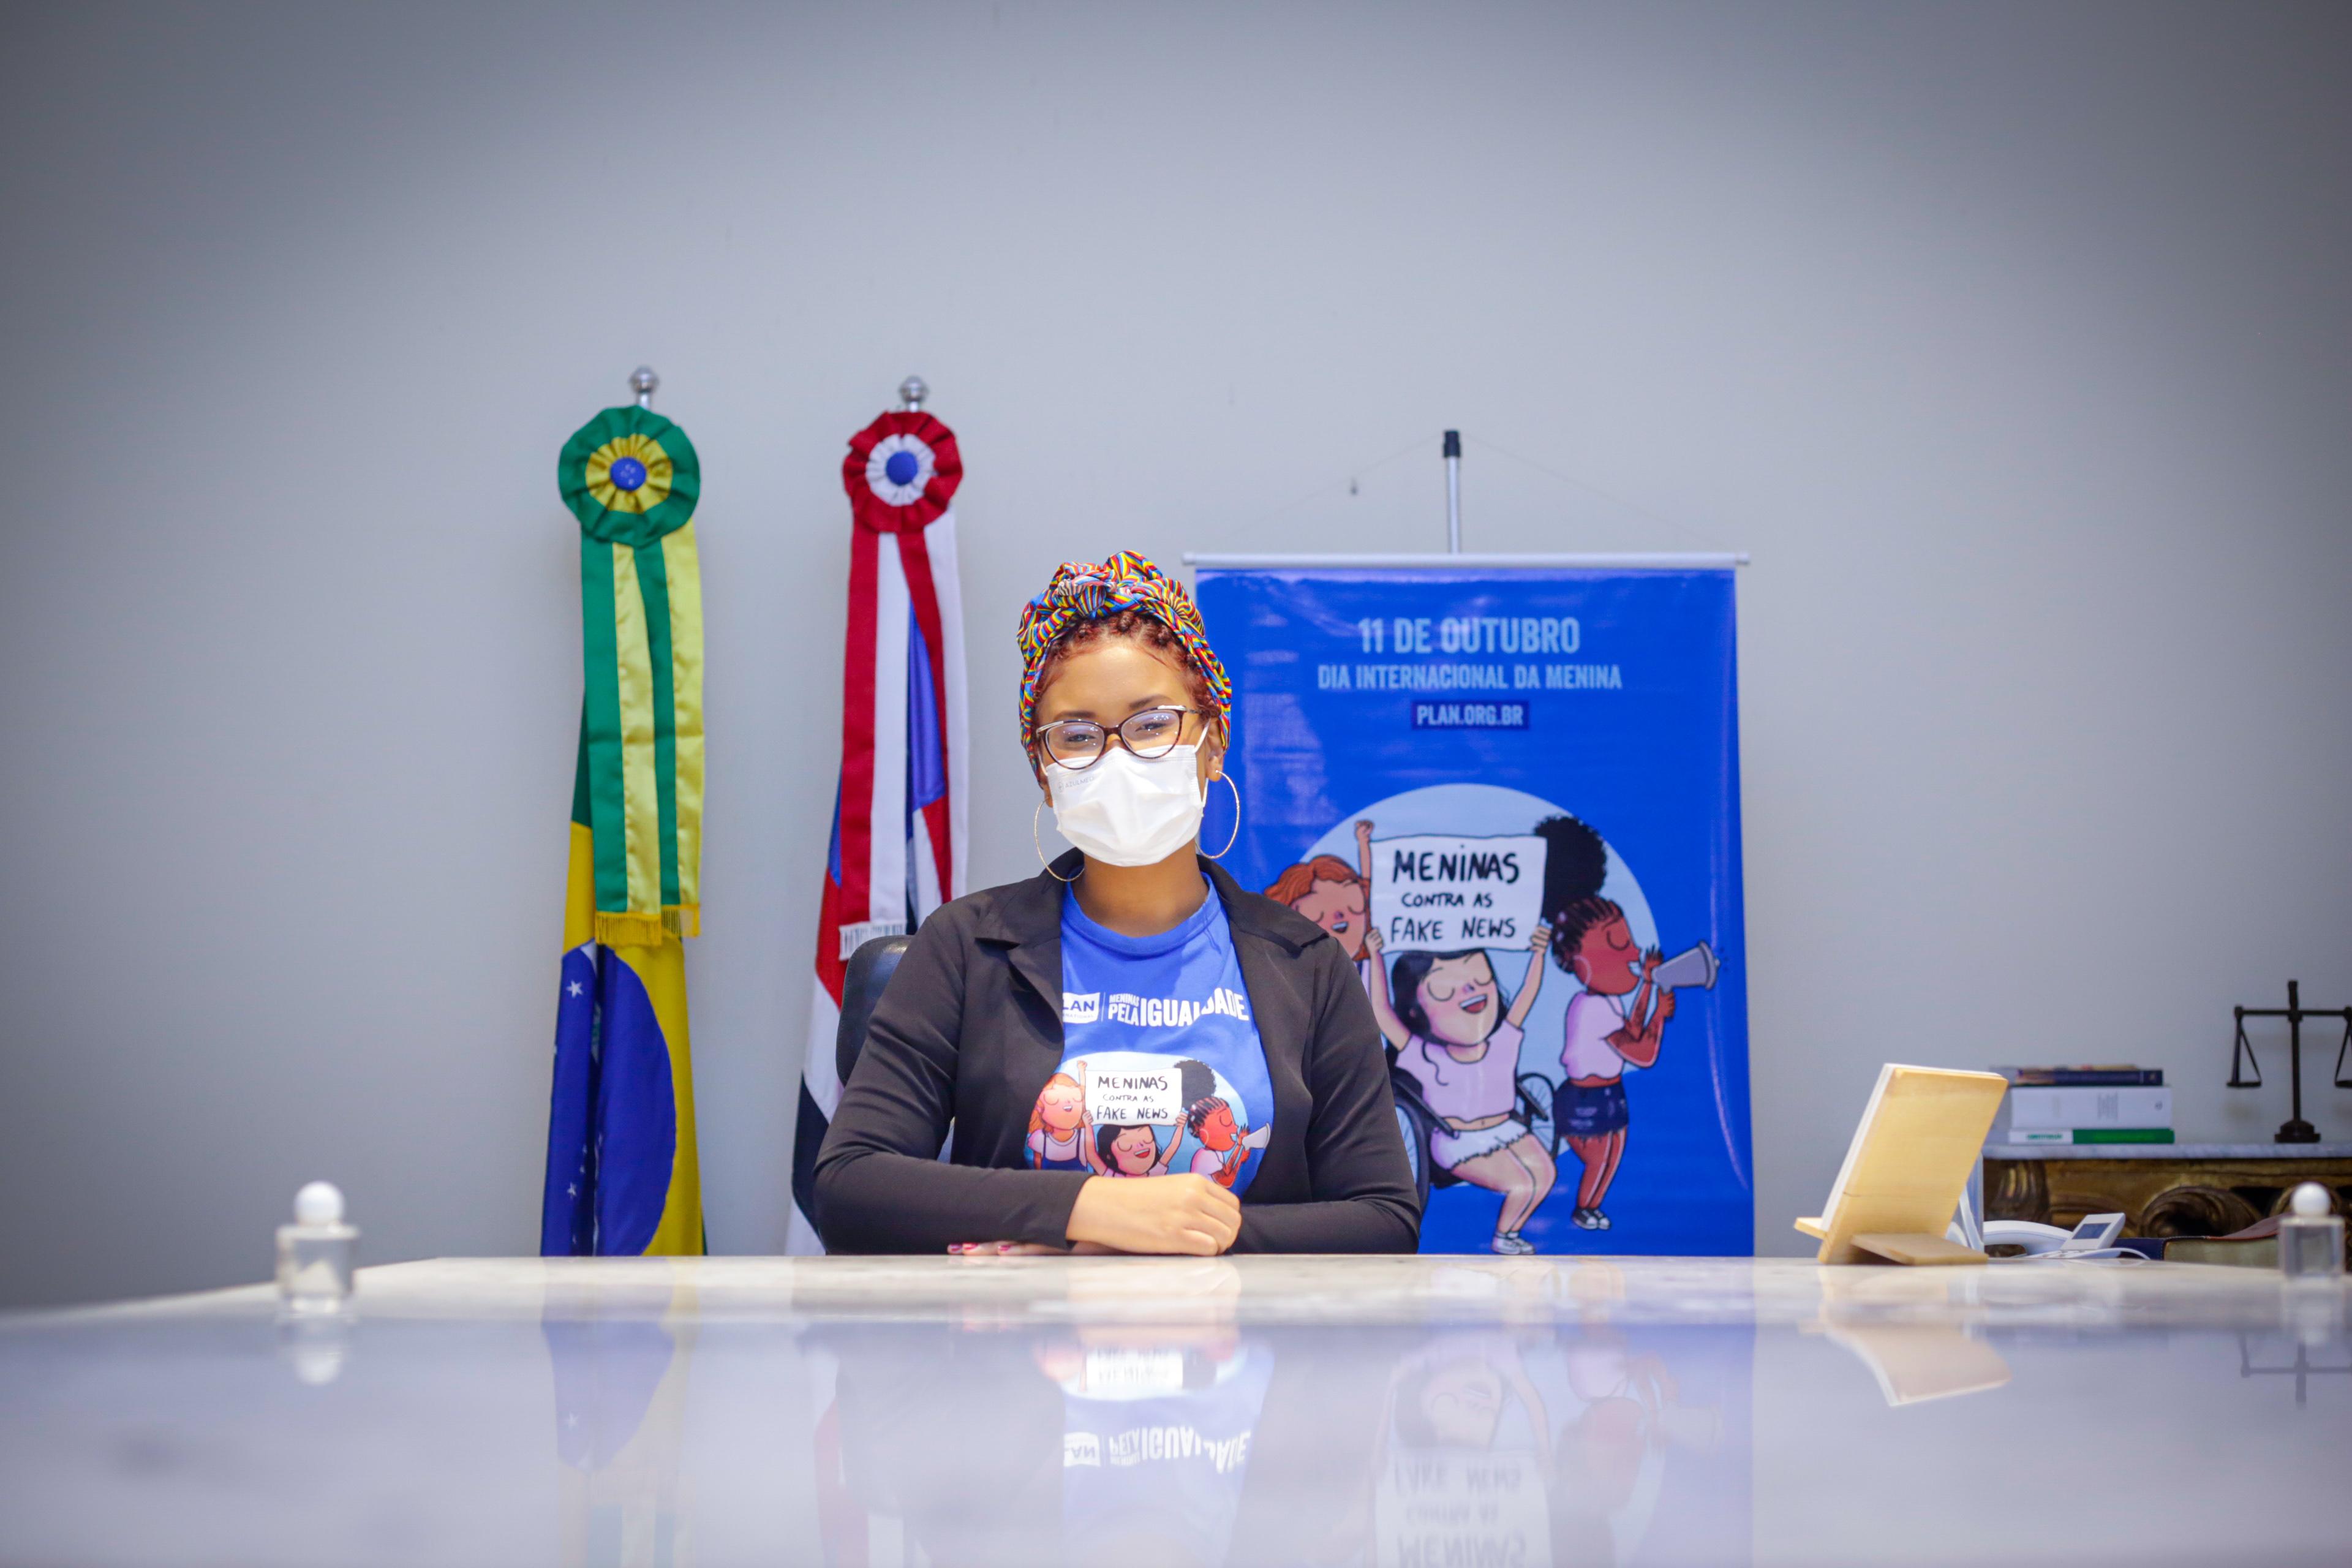 Governadora por um dia, Bia Diniz (Foto: Brunno Carvalho)